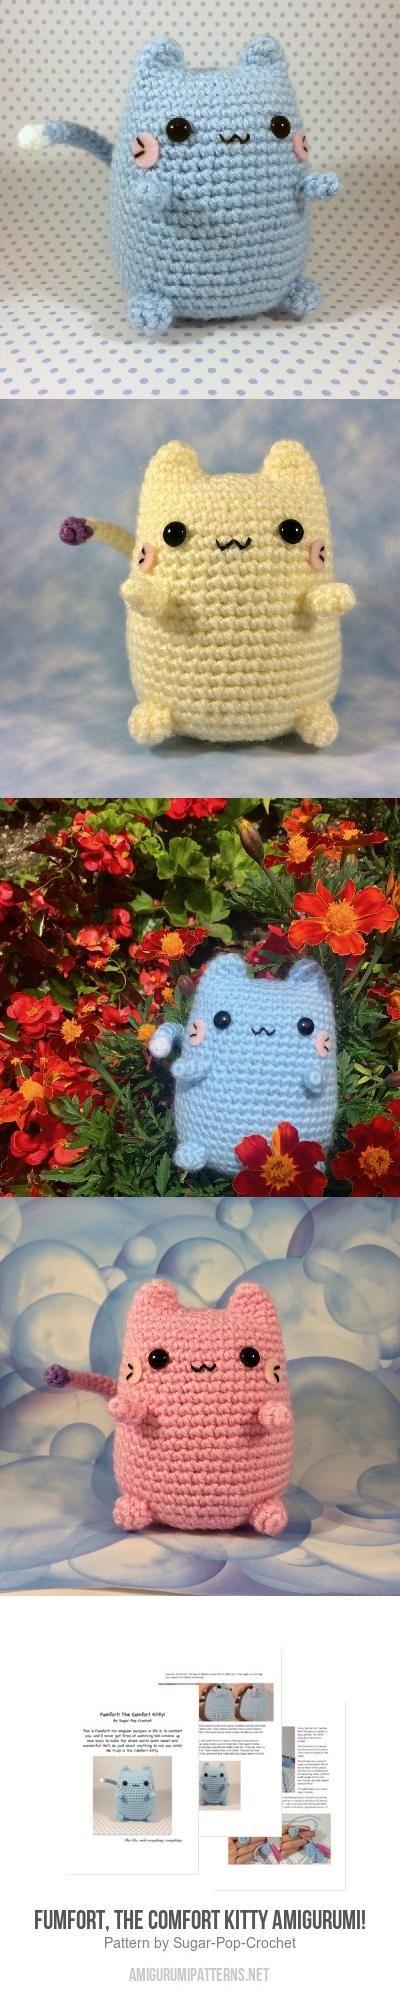 Fumfort, The Comfort Kitty Amigurumi! Amigurumi Pattern